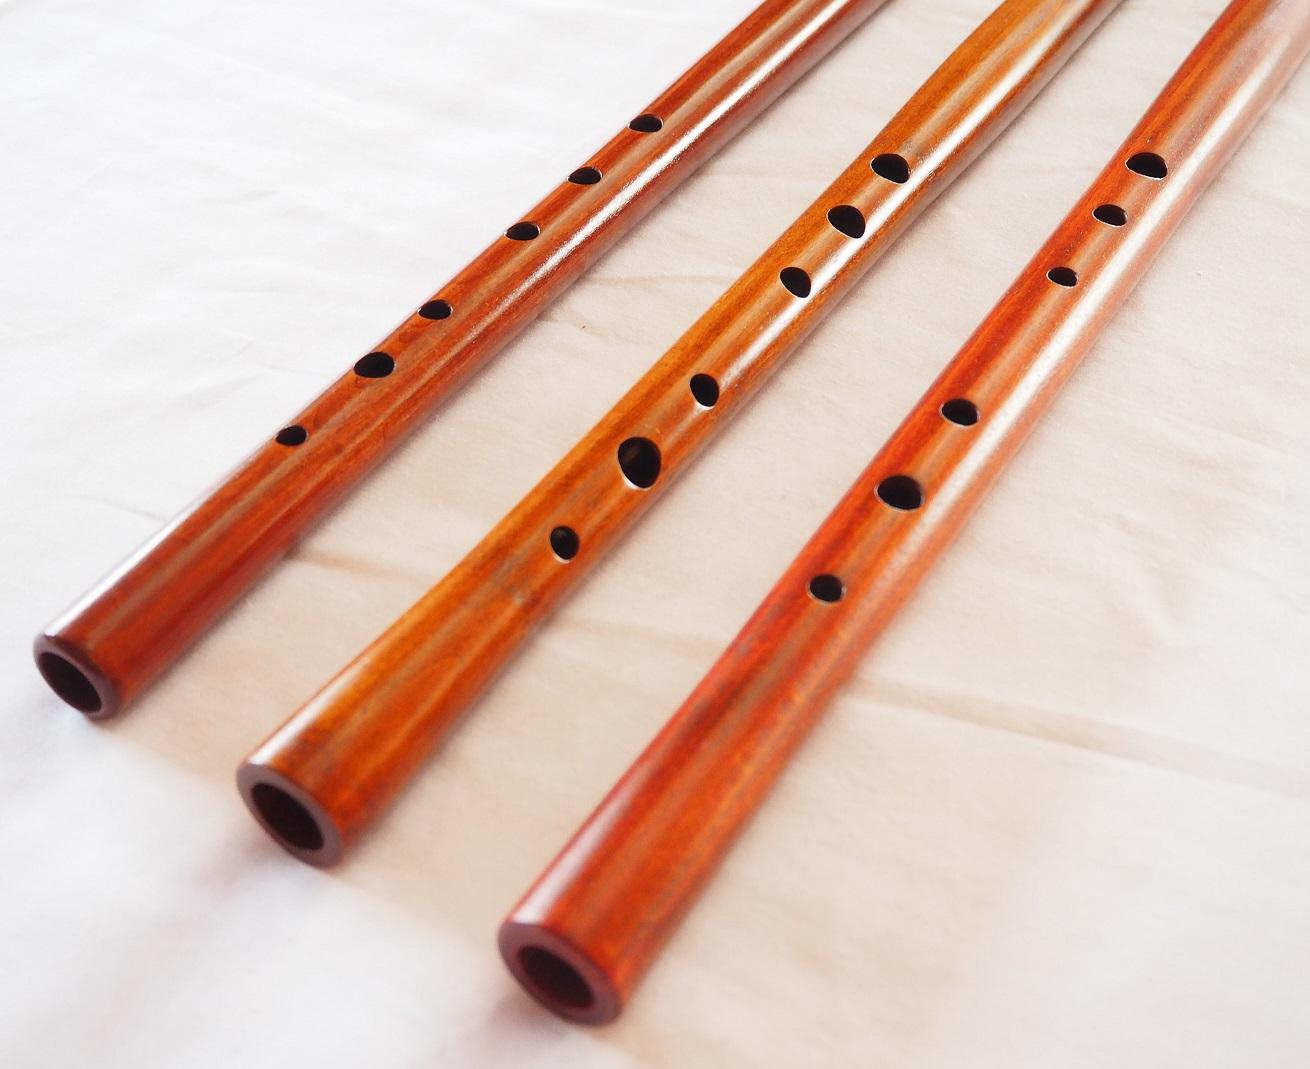 オリジナル横笛(木製)G・F管  指孔 オリジナル横笛(木製) G・F管  Original Wood Flute